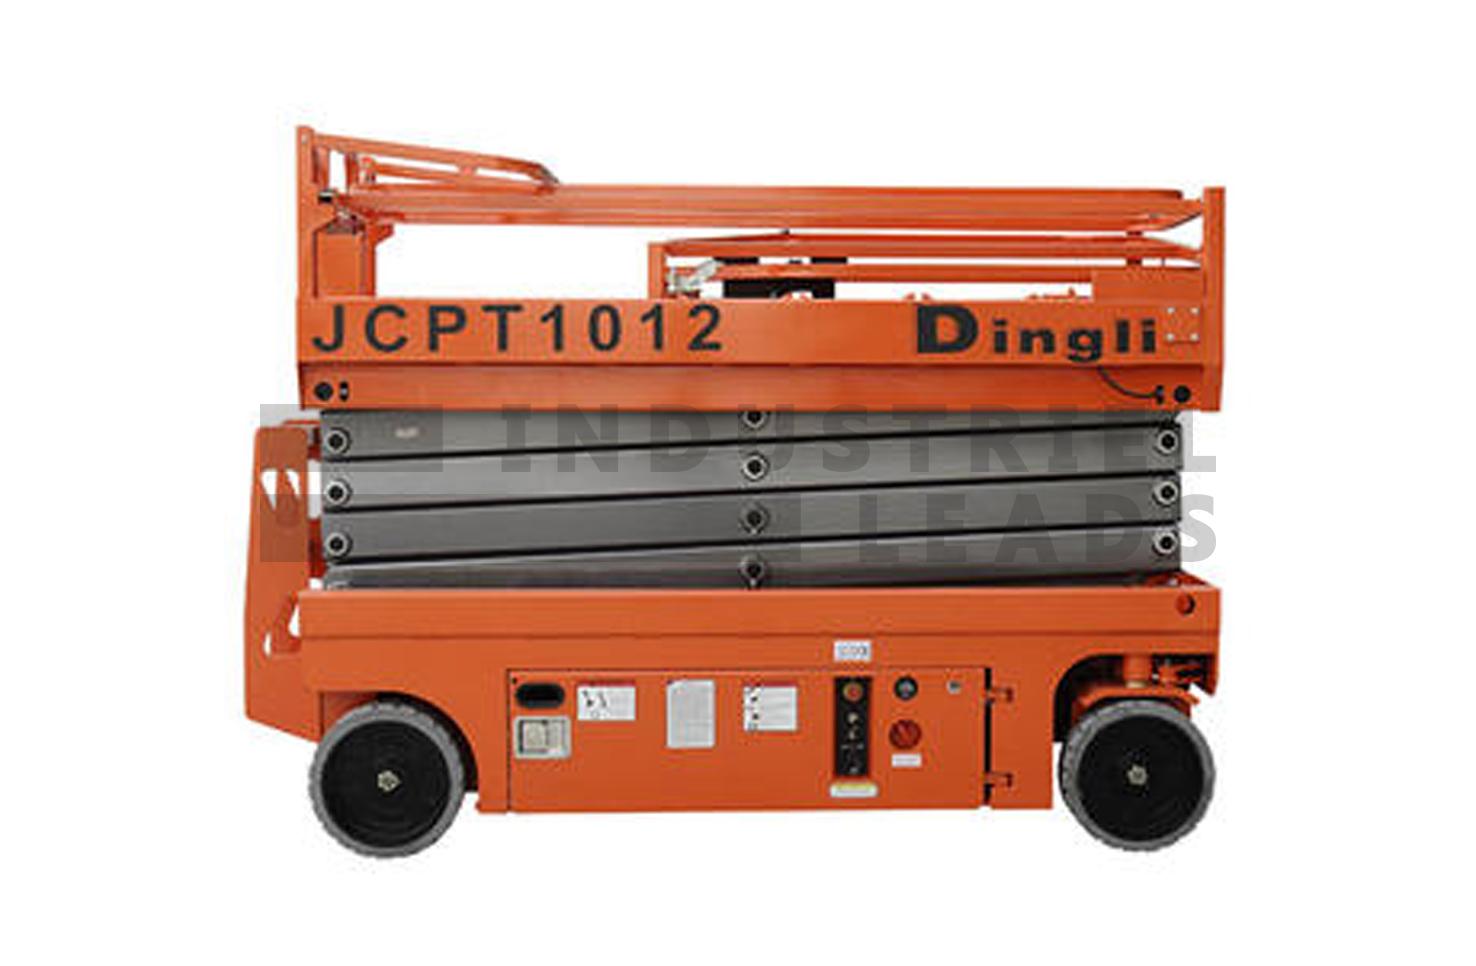 IL0128 - Dingle JCPT 1012 HD